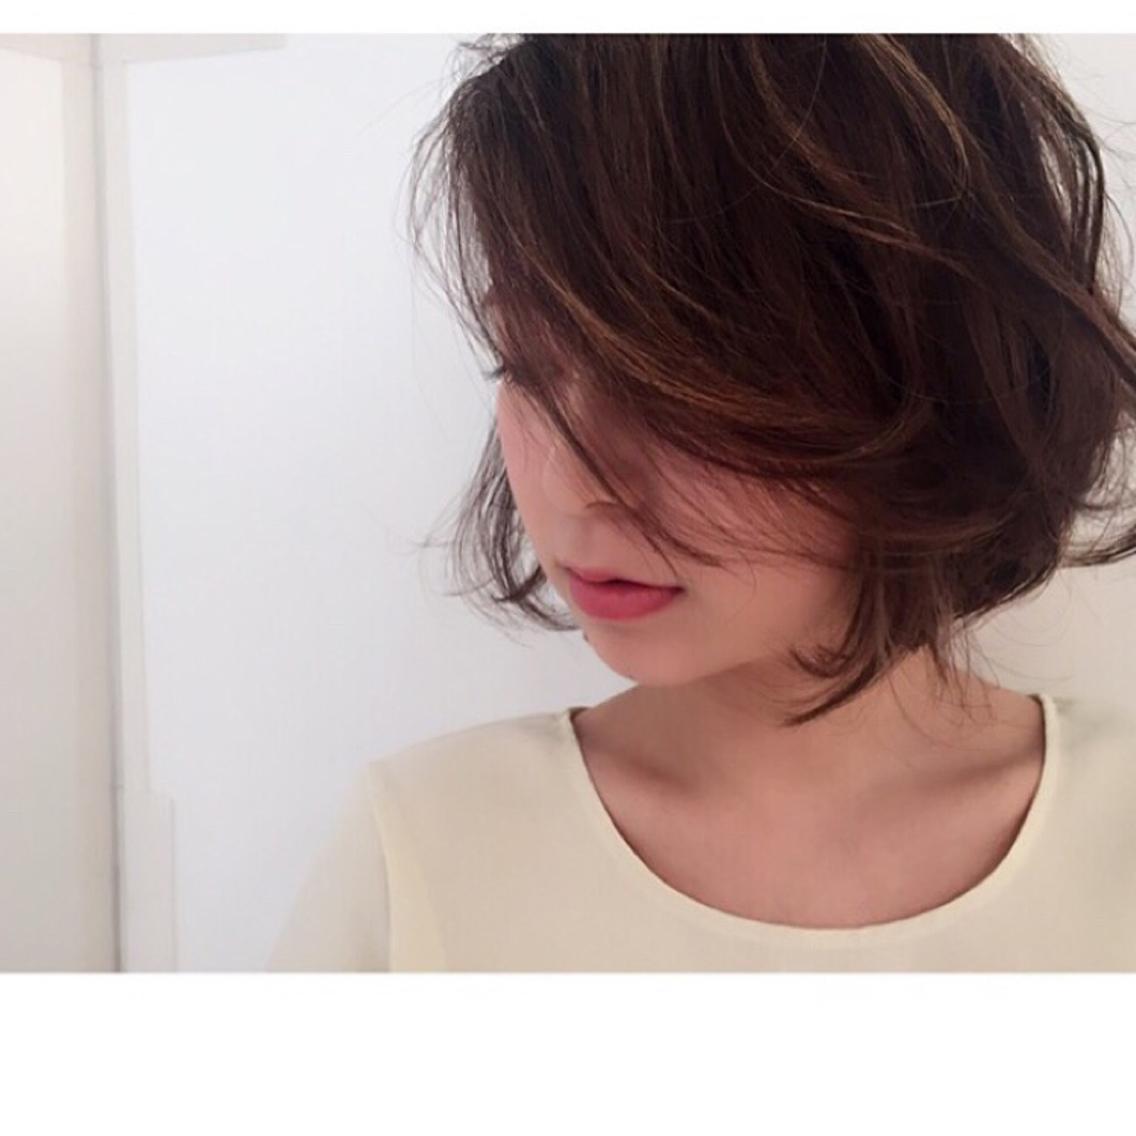 12月中目黒☆最後はヘアアレンジまでさせていただきます(*^_^*)